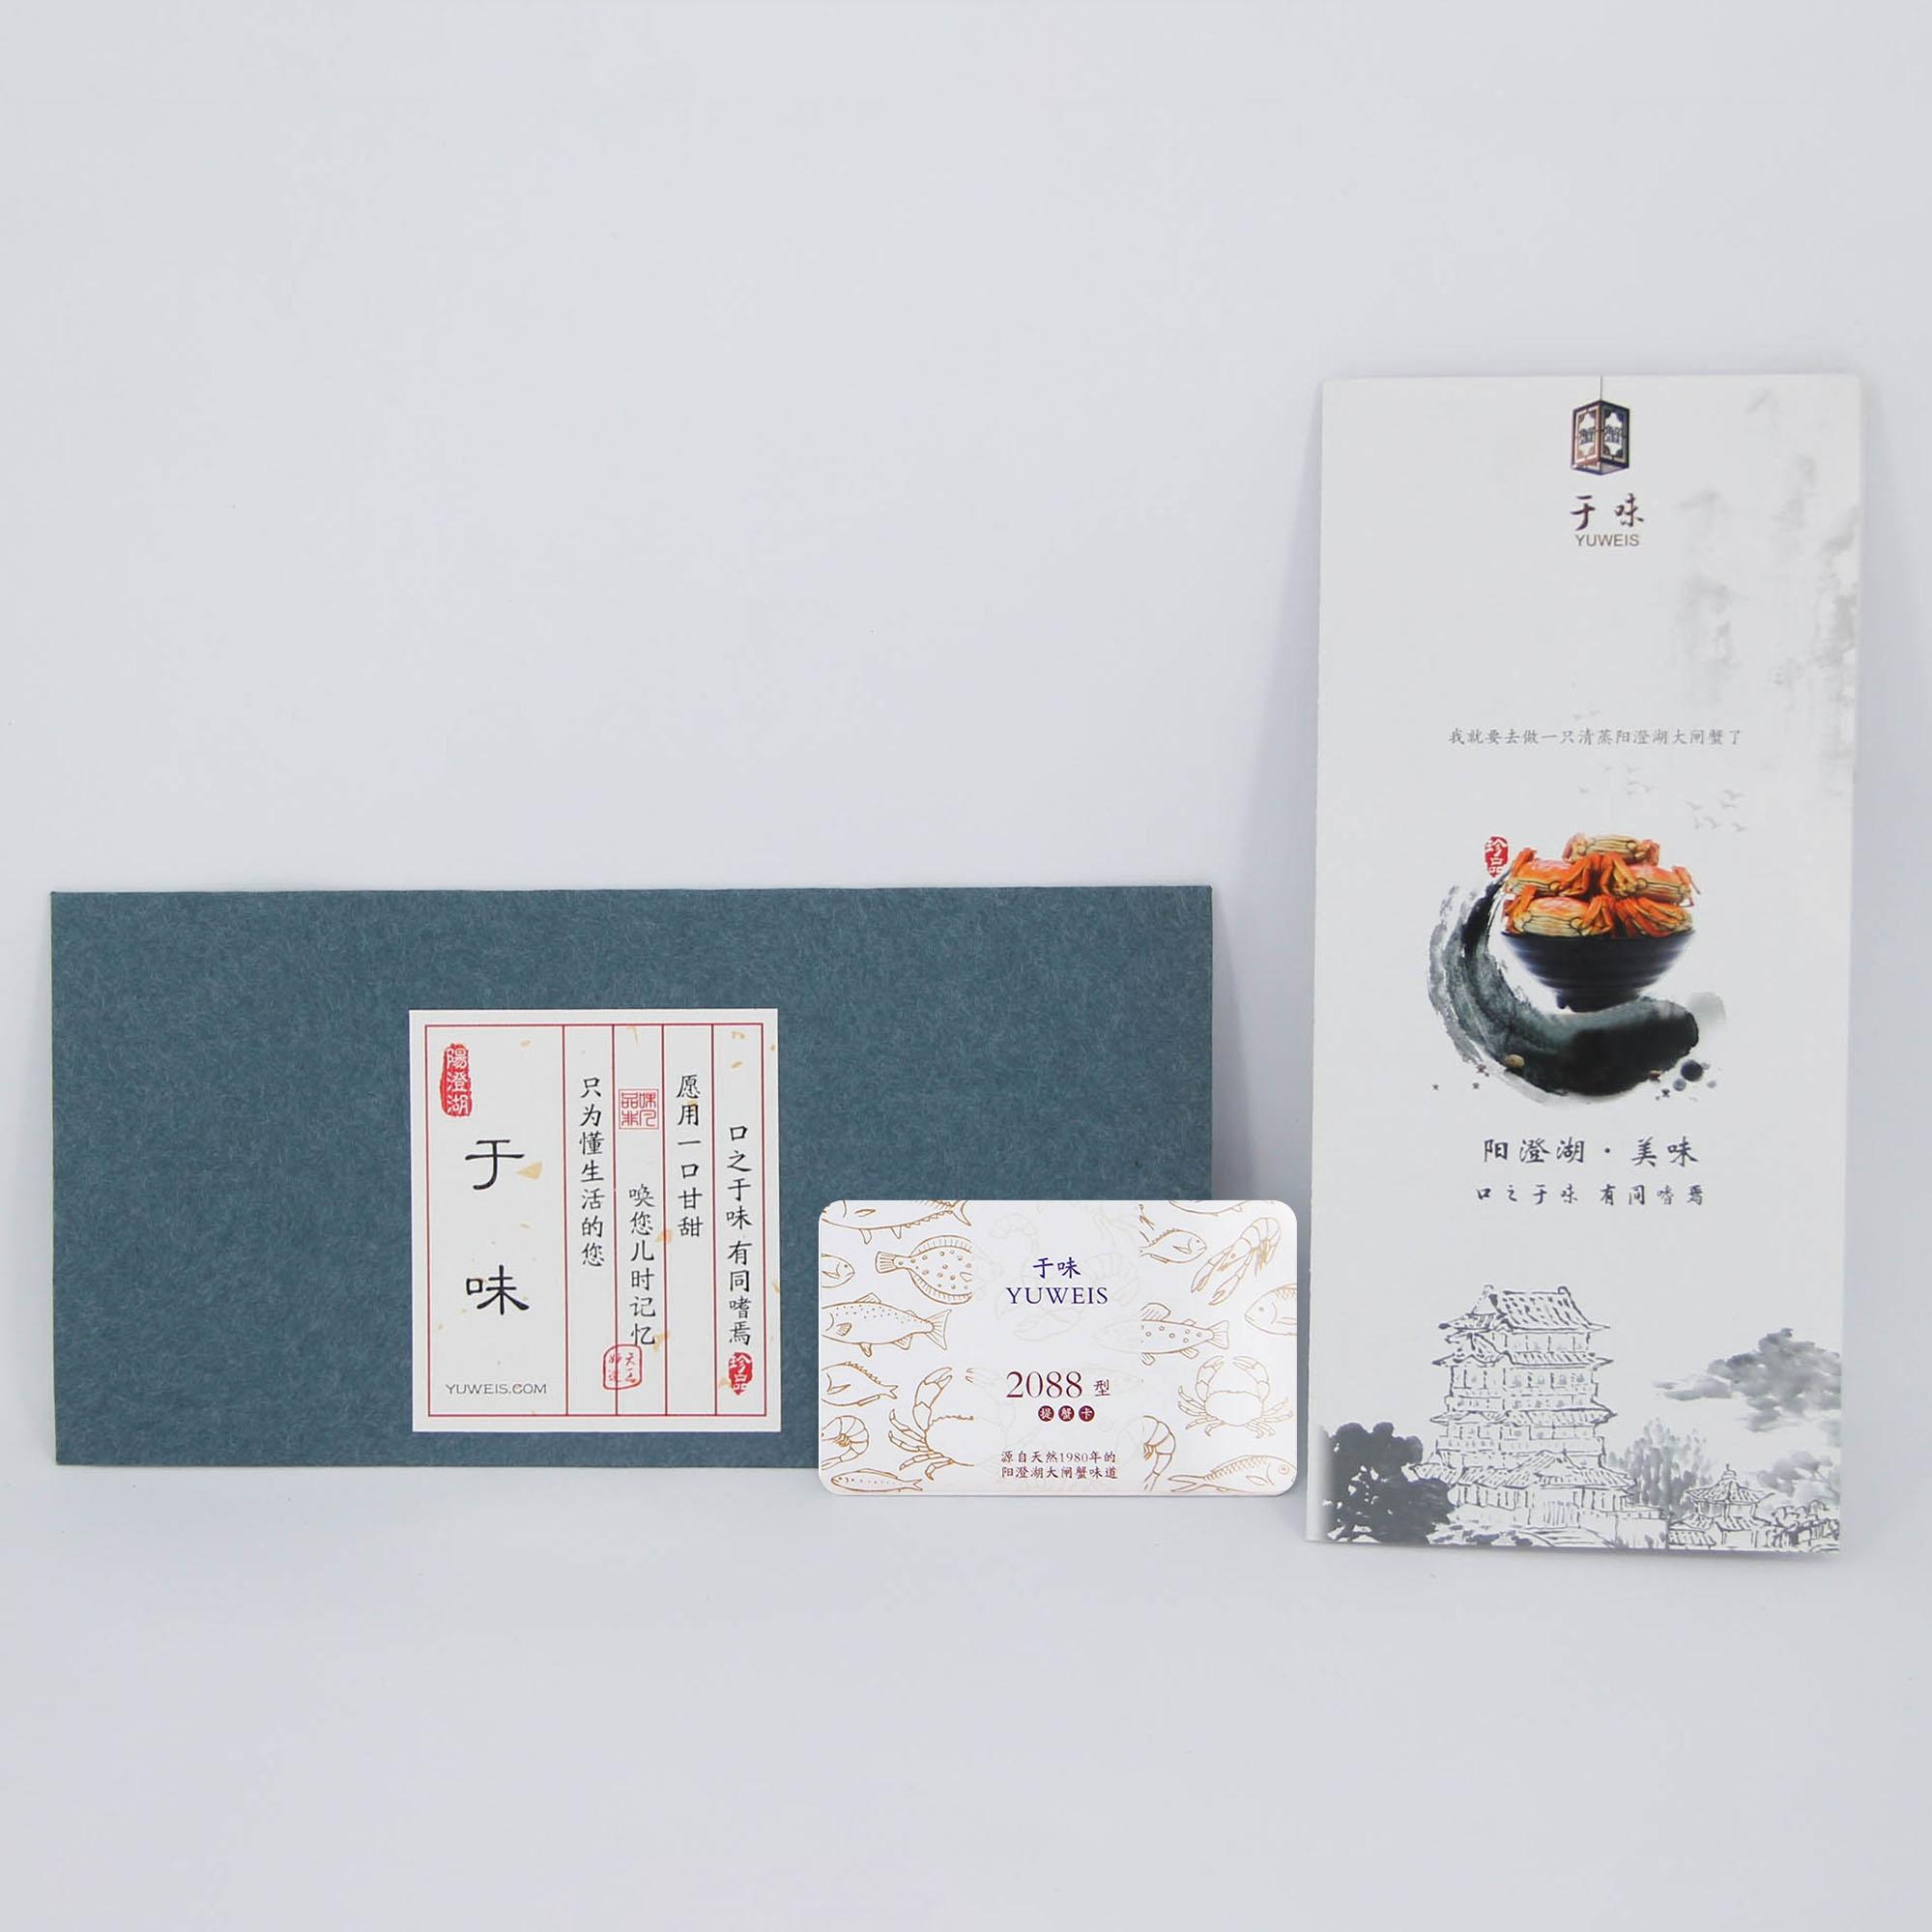 阳澄湖大闸蟹2088型 (4.5-4.9公*5只,3.3-3.4母*5只)提货卡精品系列豪华礼盒装